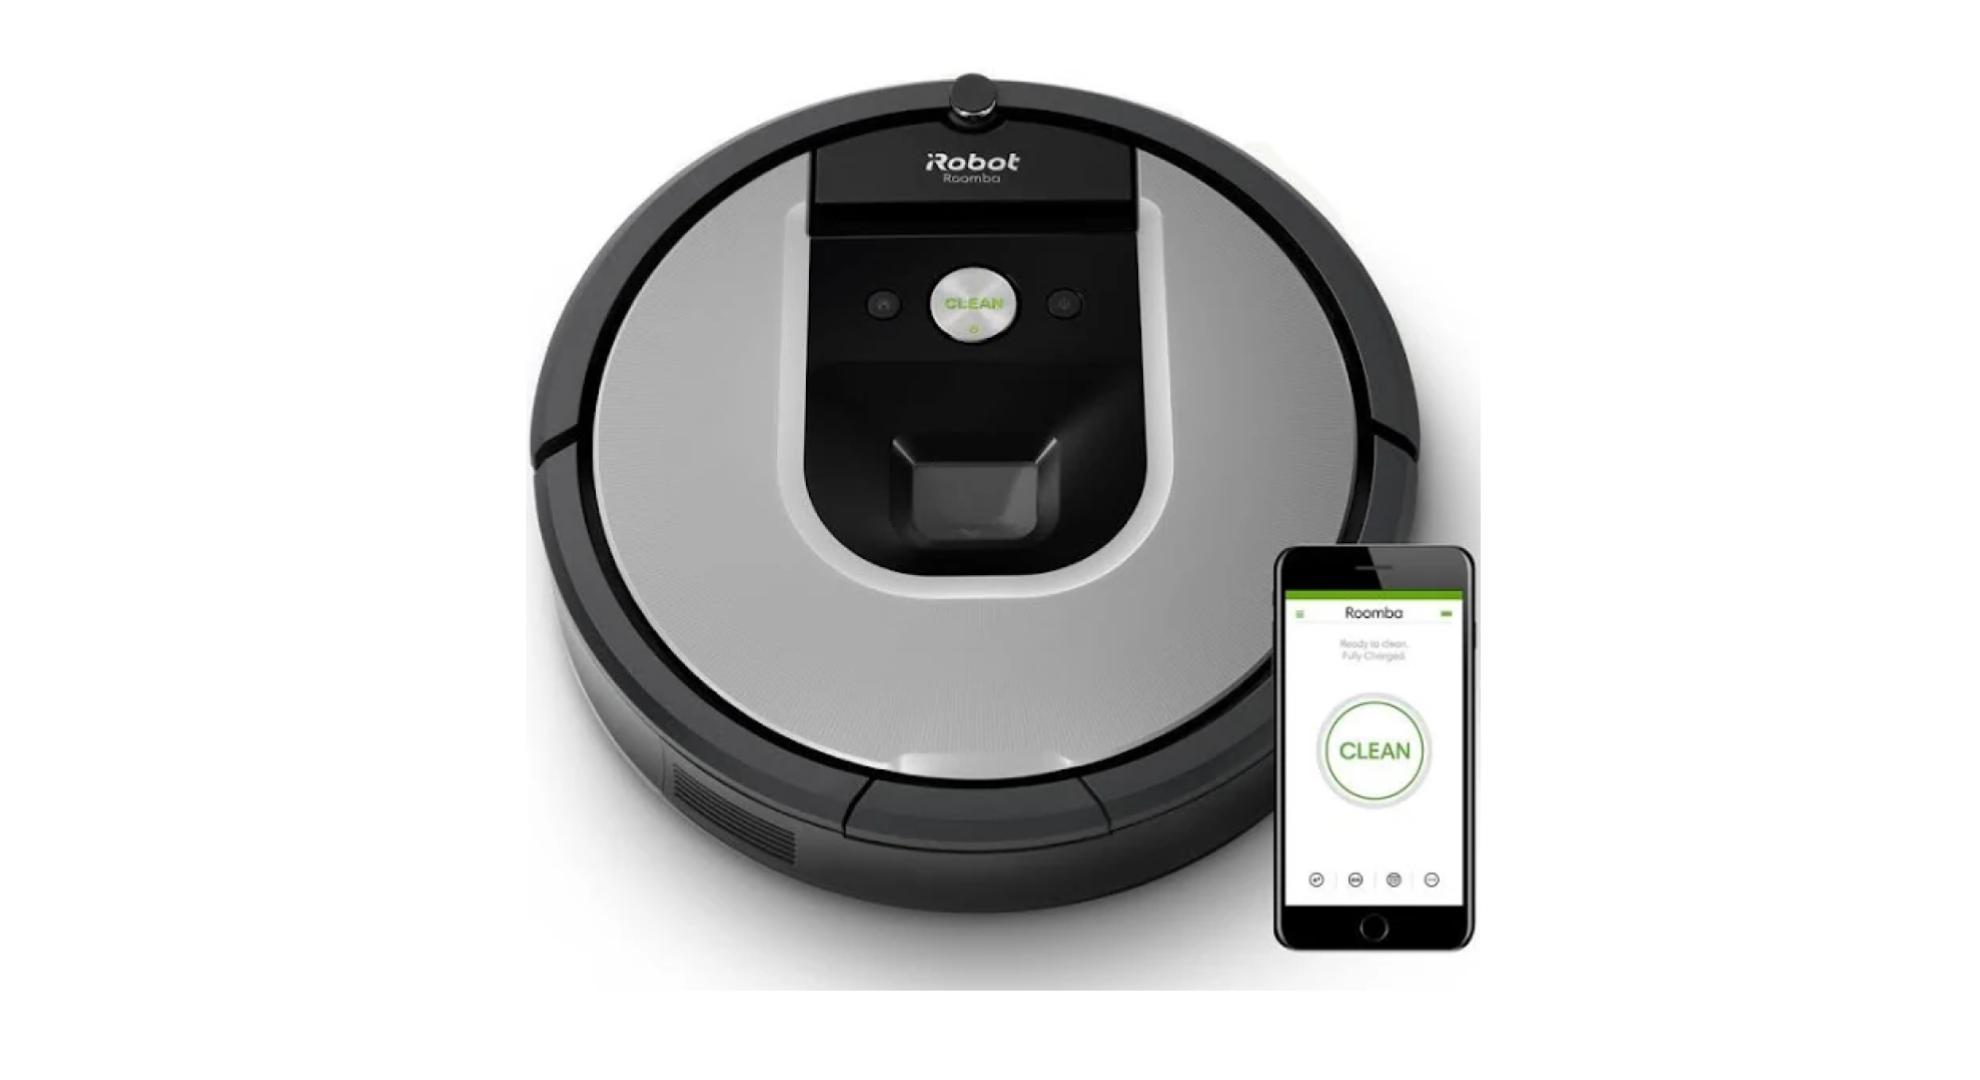 iRobot Roomba 975 : ce robot aspirateur est 120 € moins cher que d'habitude